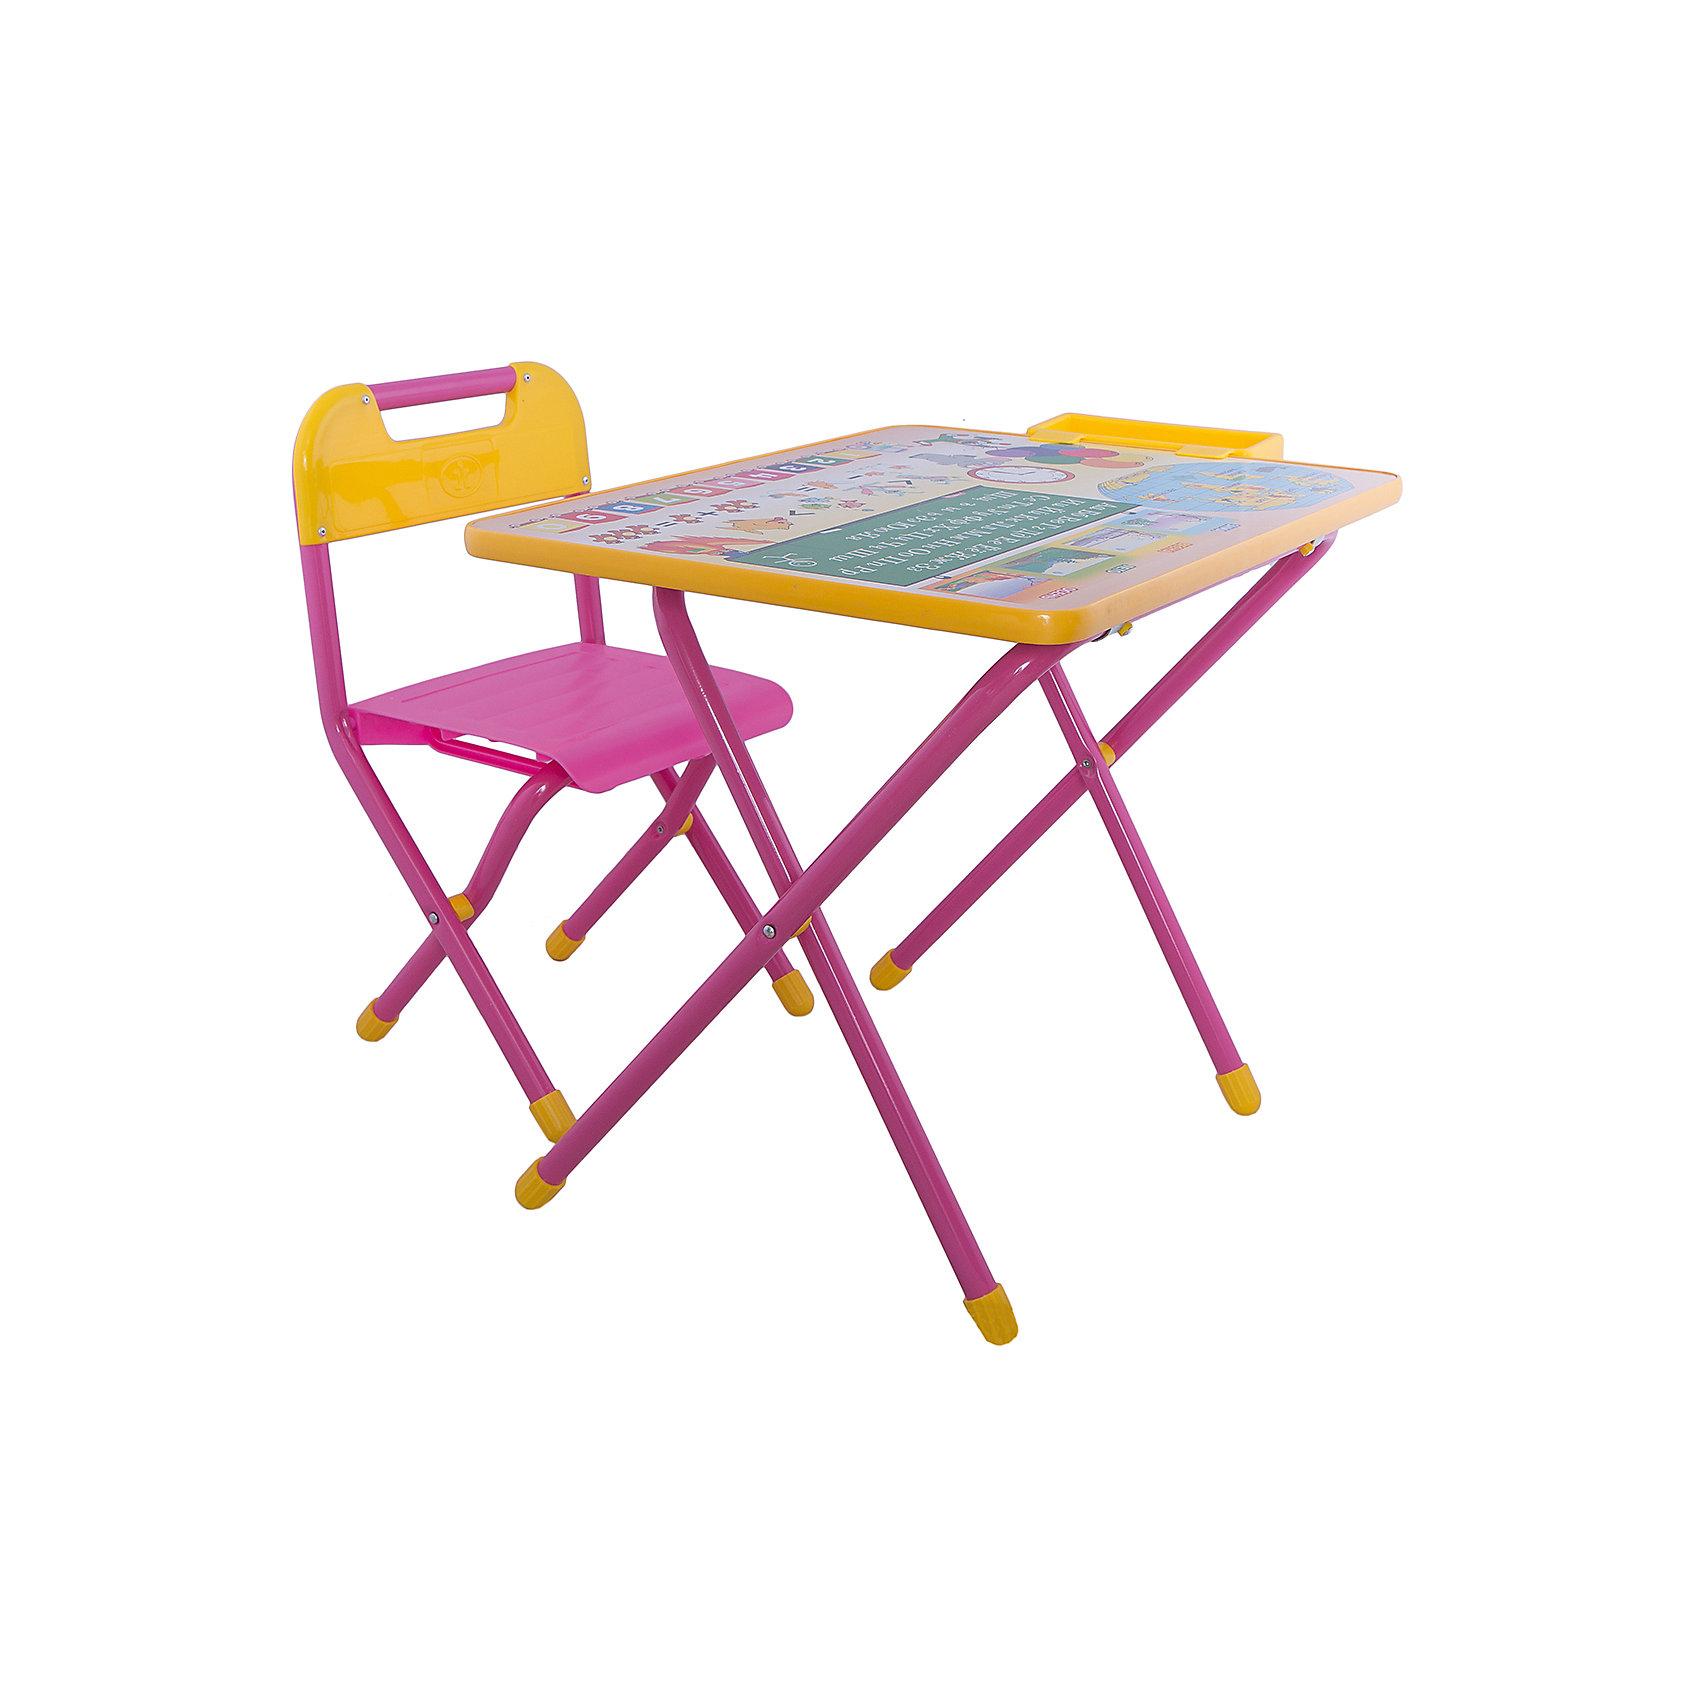 Розовый набор мебели Глобус (2-5 лет), ДэмиНабор предназначен для детей с 2 до 5 лет. Набор состоит из стола и стульчика, и идеально подходит для организации детских игр и занятий, как в дошкольных учреждениях, так и для домашнего использования. Выпускаются модели, рассчитанные на разные возрастные группы: размеры мебели соответствуют российскому ГОСТу (ростовка 2). Поверхность столешницы ламинированная, ее легко мыть и чистить. На столешницу нанесен яркий, красивый обучающий рисунок, позволяющий Вашему ребенку познакомиться с миром букв и цифр. После занятий при необходимости его можно сложить и убрать, что позволяет использовать его даже в малогабаритных помещениях. Размеры столешницы - 450Х600 мм. Высота до плоскости столешницы - 460 мм. Высота по сиденью - 260 мм. Высота верхнего края спинки - 240 мм. Допустимая нагрузка на сиденье - не более 30 кг.<br><br>Ширина мм: 150<br>Глубина мм: 740<br>Высота мм: 640<br>Вес г: 8000<br>Возраст от месяцев: 24<br>Возраст до месяцев: 60<br>Пол: Женский<br>Возраст: Детский<br>SKU: 3247873